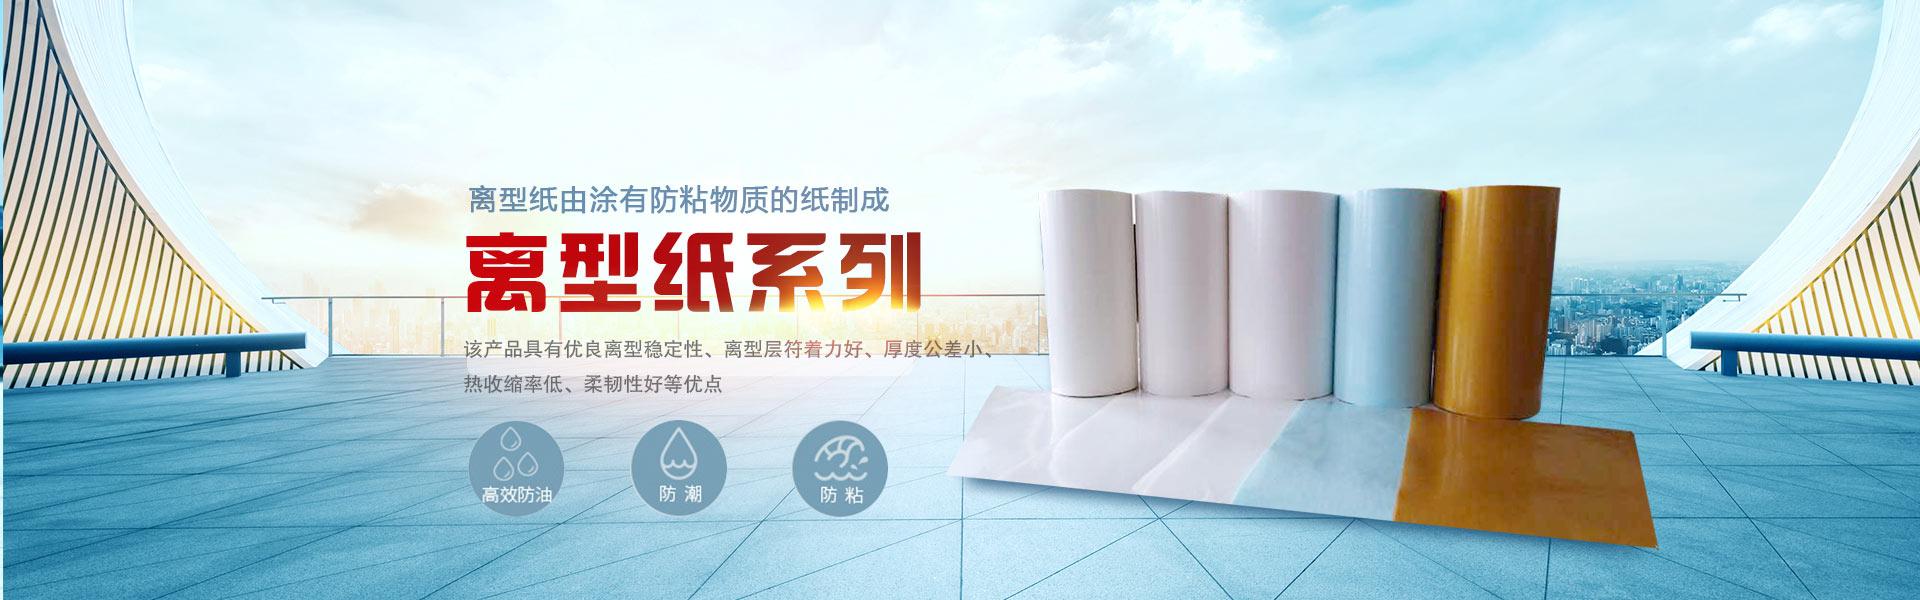 进口离型纸价格-哪里买高性价比的离型纸